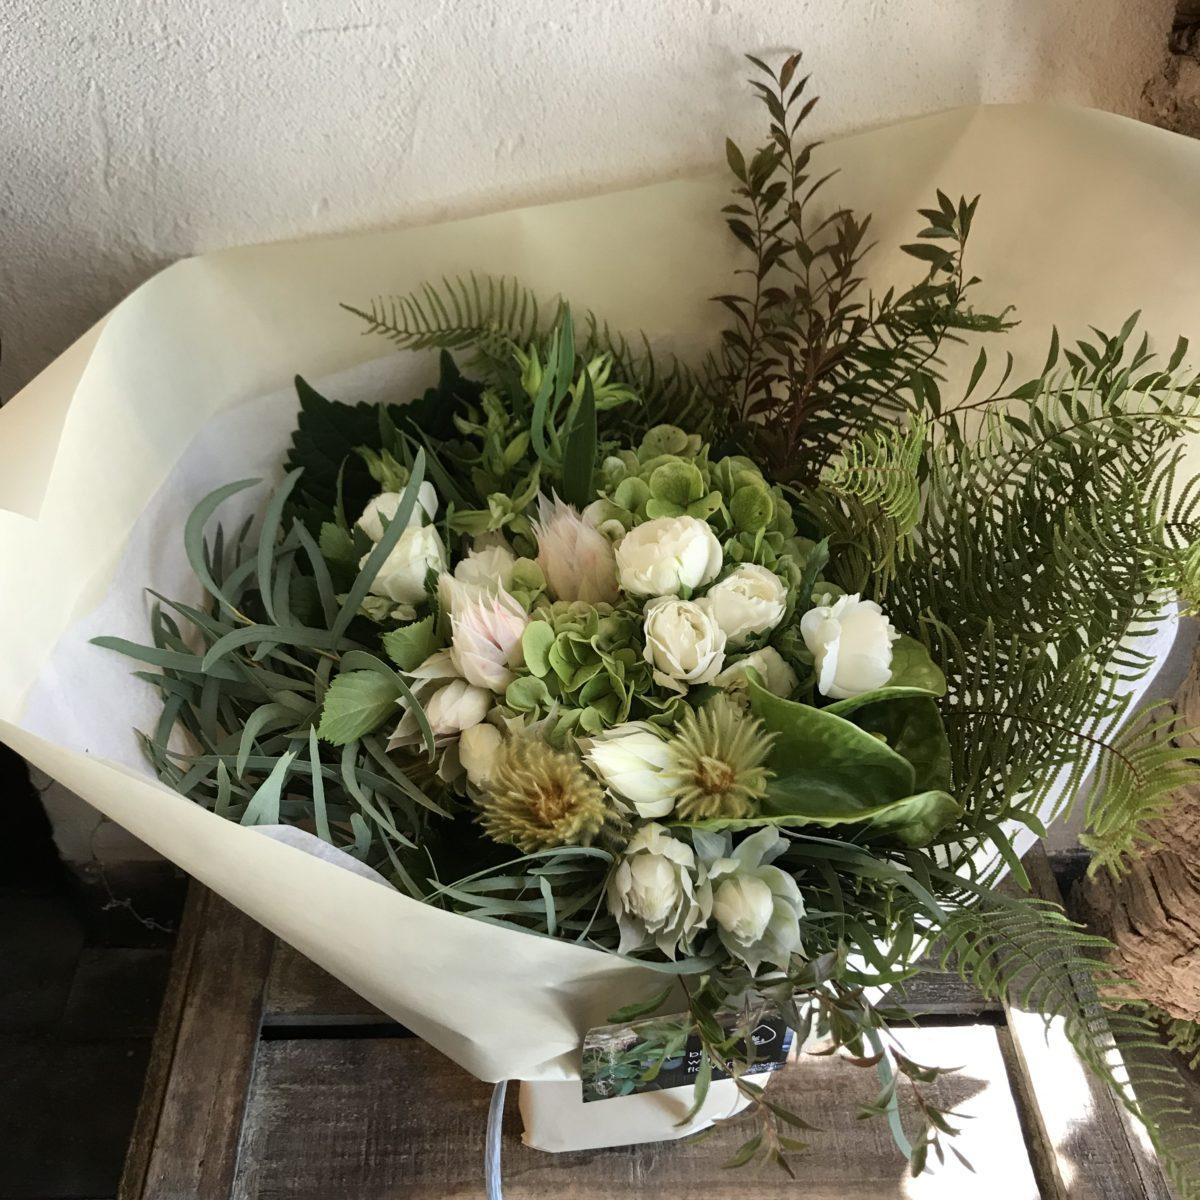 ユーカリと季節のグリーンをたっぷりあしらった花束(¥5000)